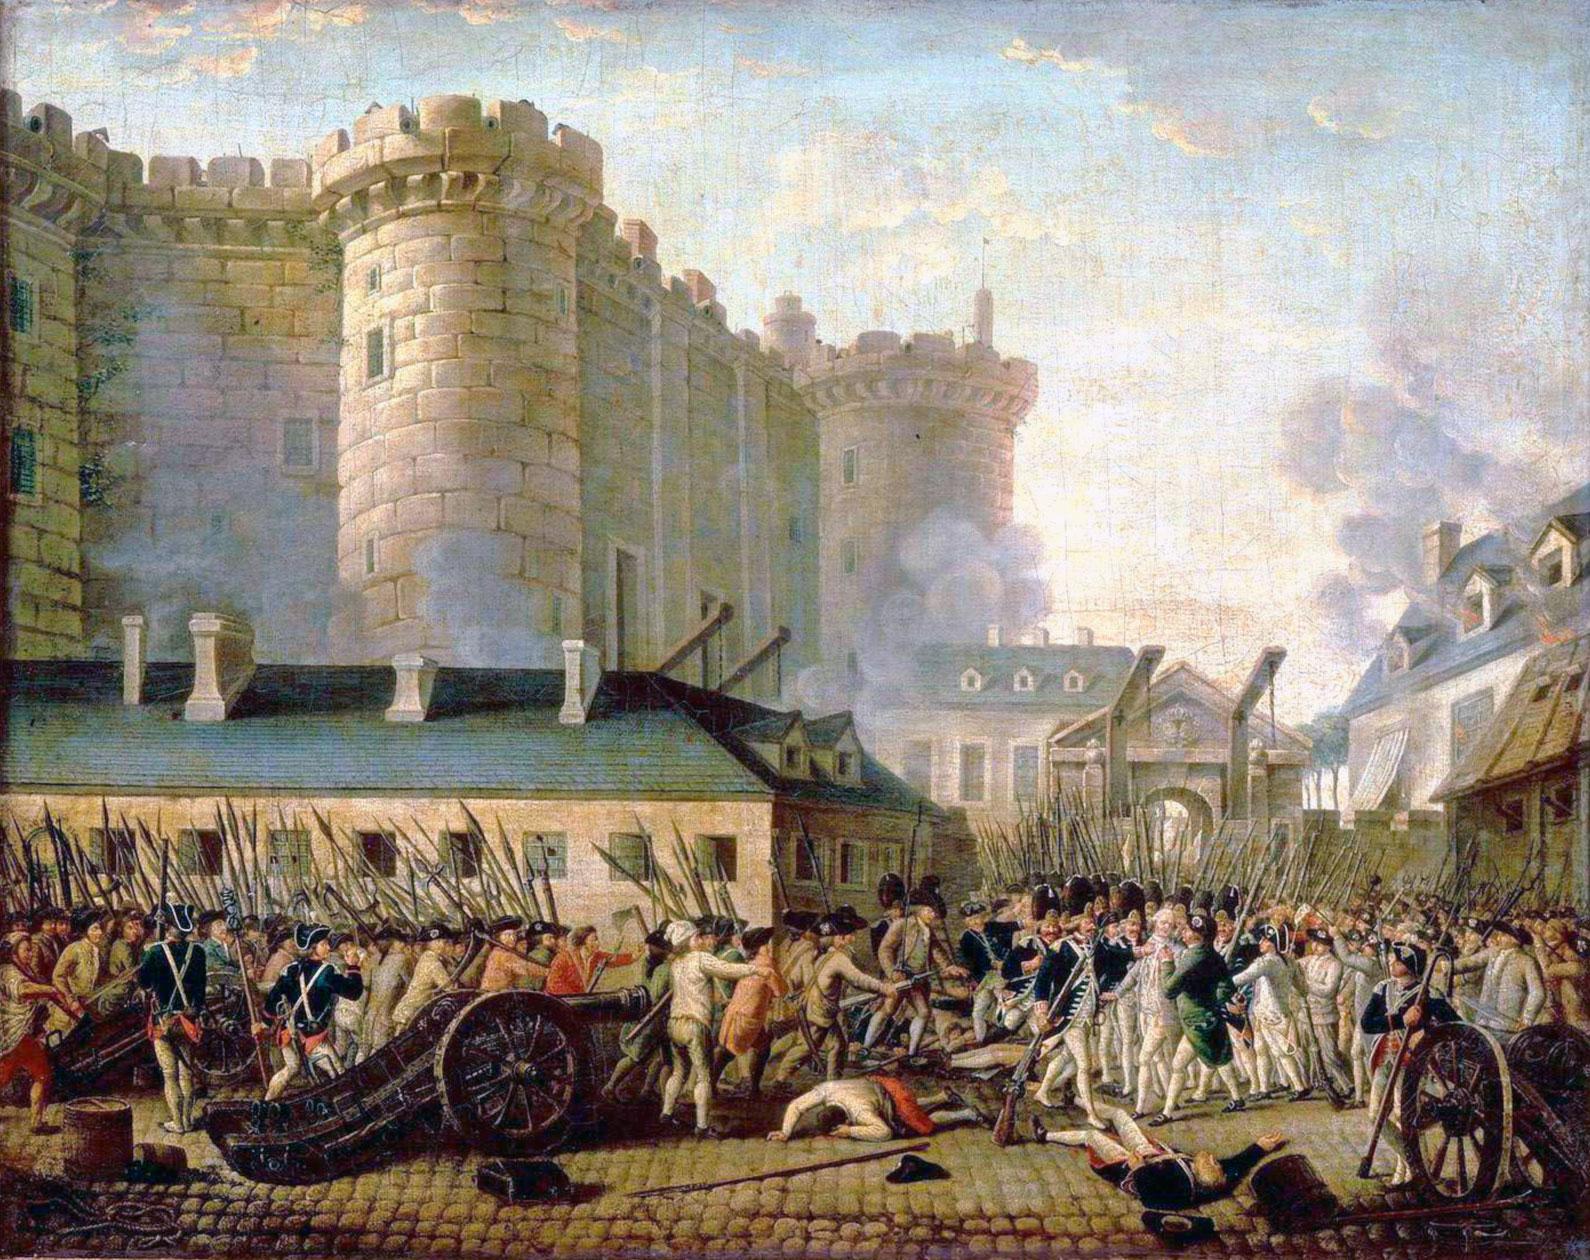 Dopo diversi anni dall'ultima convocazione, il 5 maggio 1789 venne riunita l'assemblea degli Stati generali. L'evento fu preparato da quasi 40 mila assemblee popolari che elessero i rappresentanti del Terzo […]